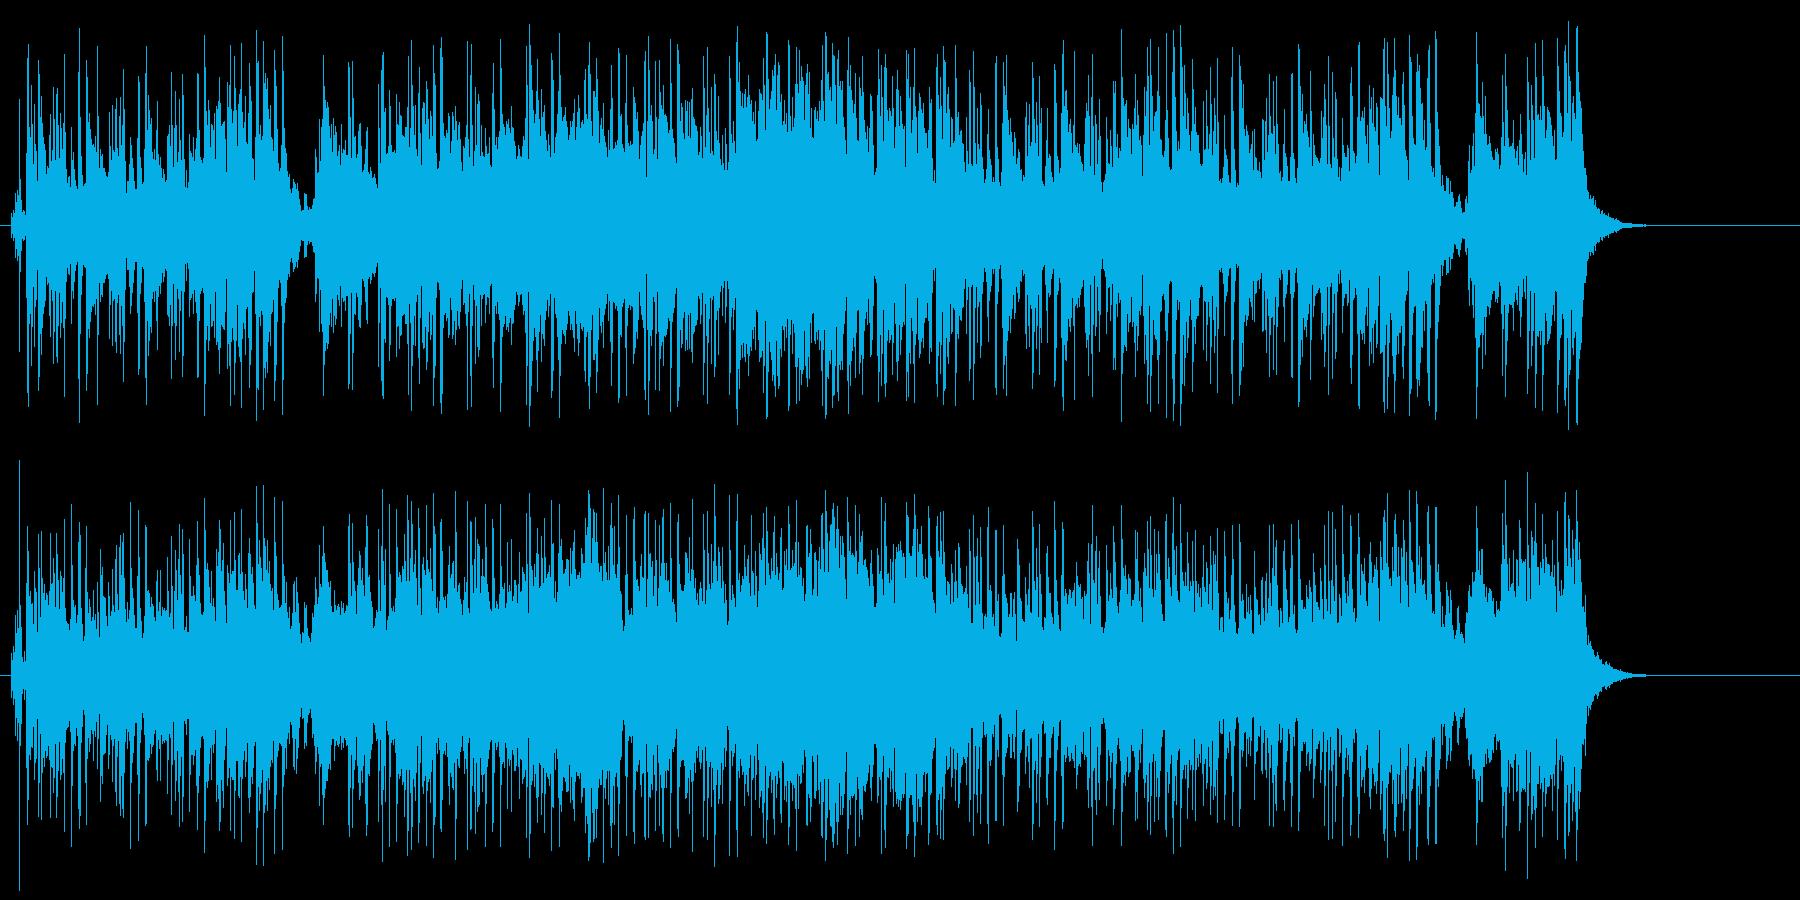 タイトル向けの広がりのあるポップスの再生済みの波形